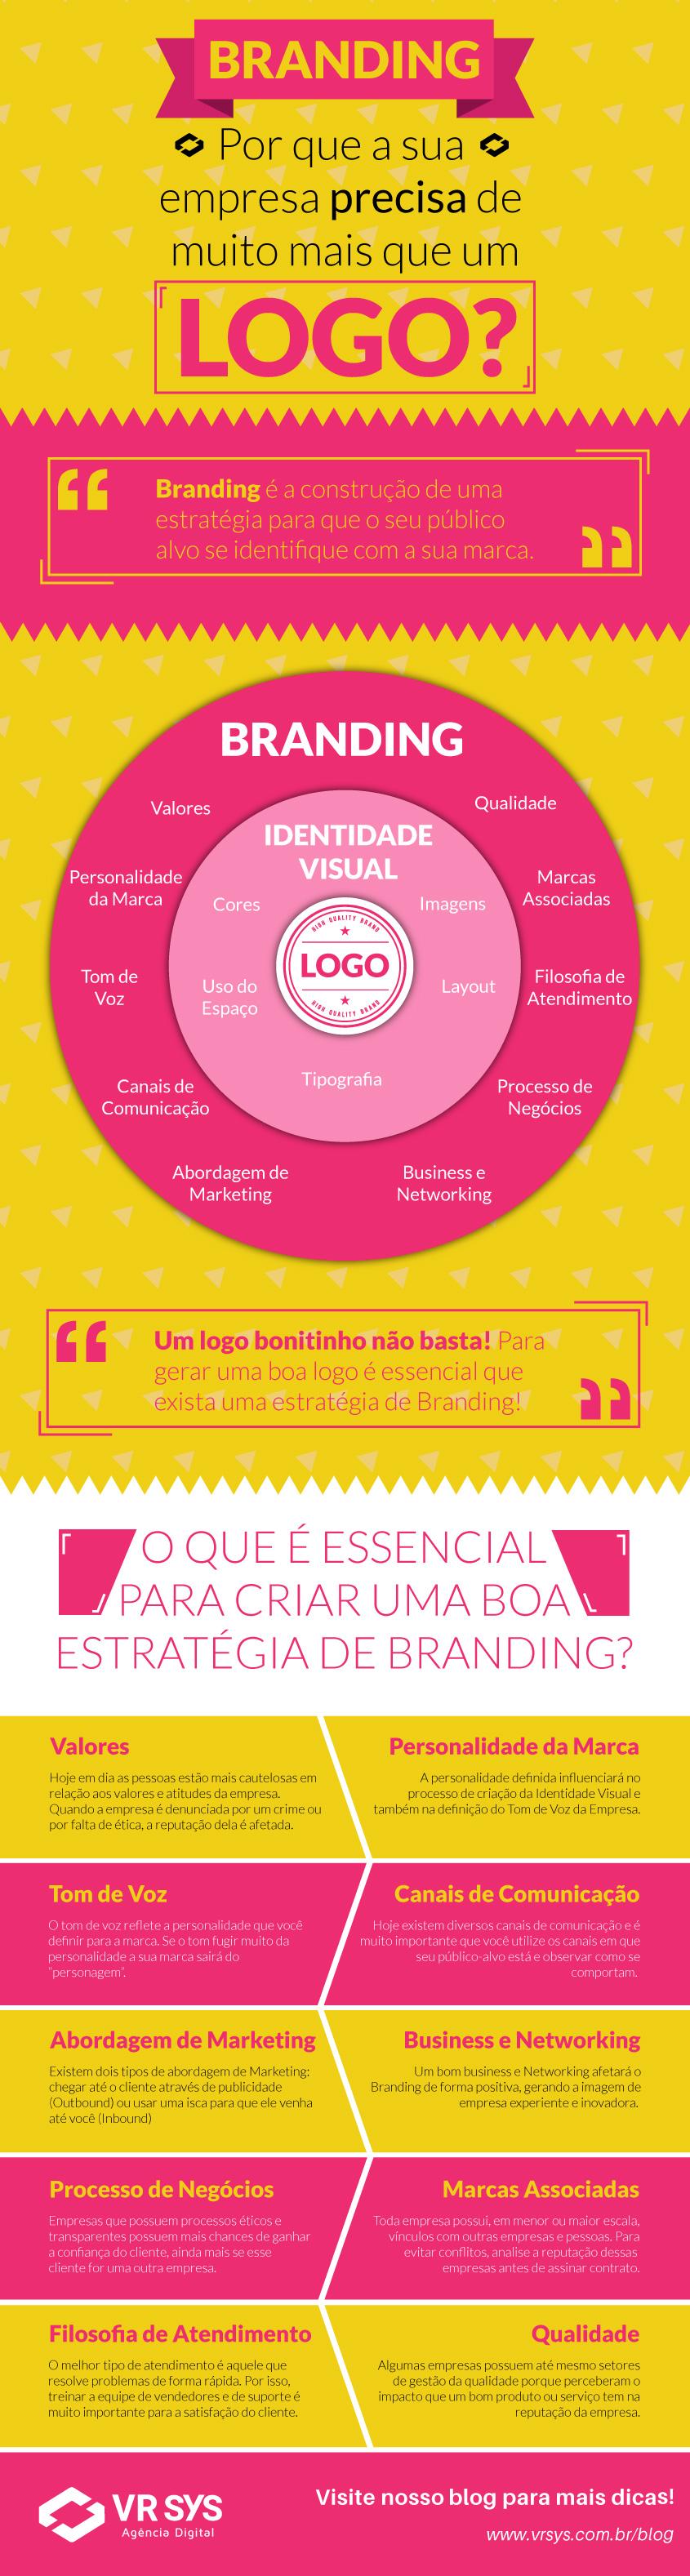 Branding - Por que a sua empresa precisa de muito mais que um logo?